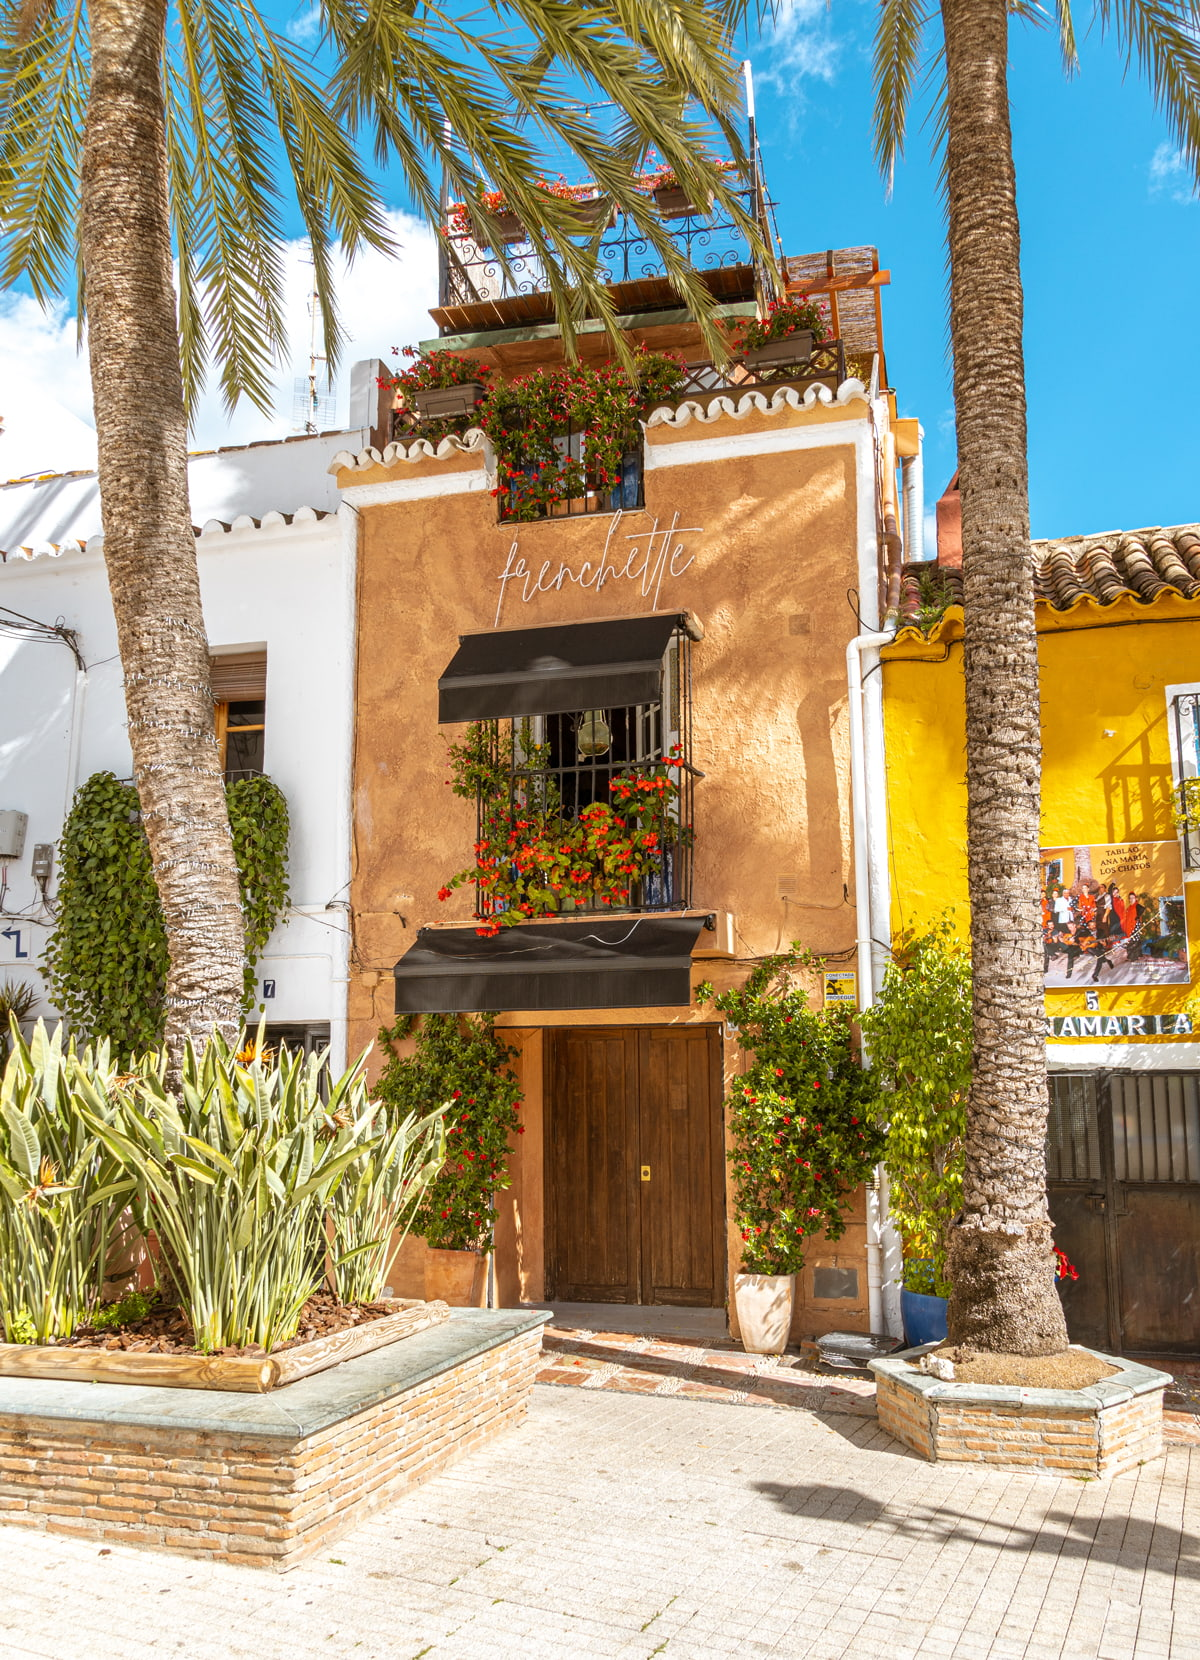 Frenchette, Marbella